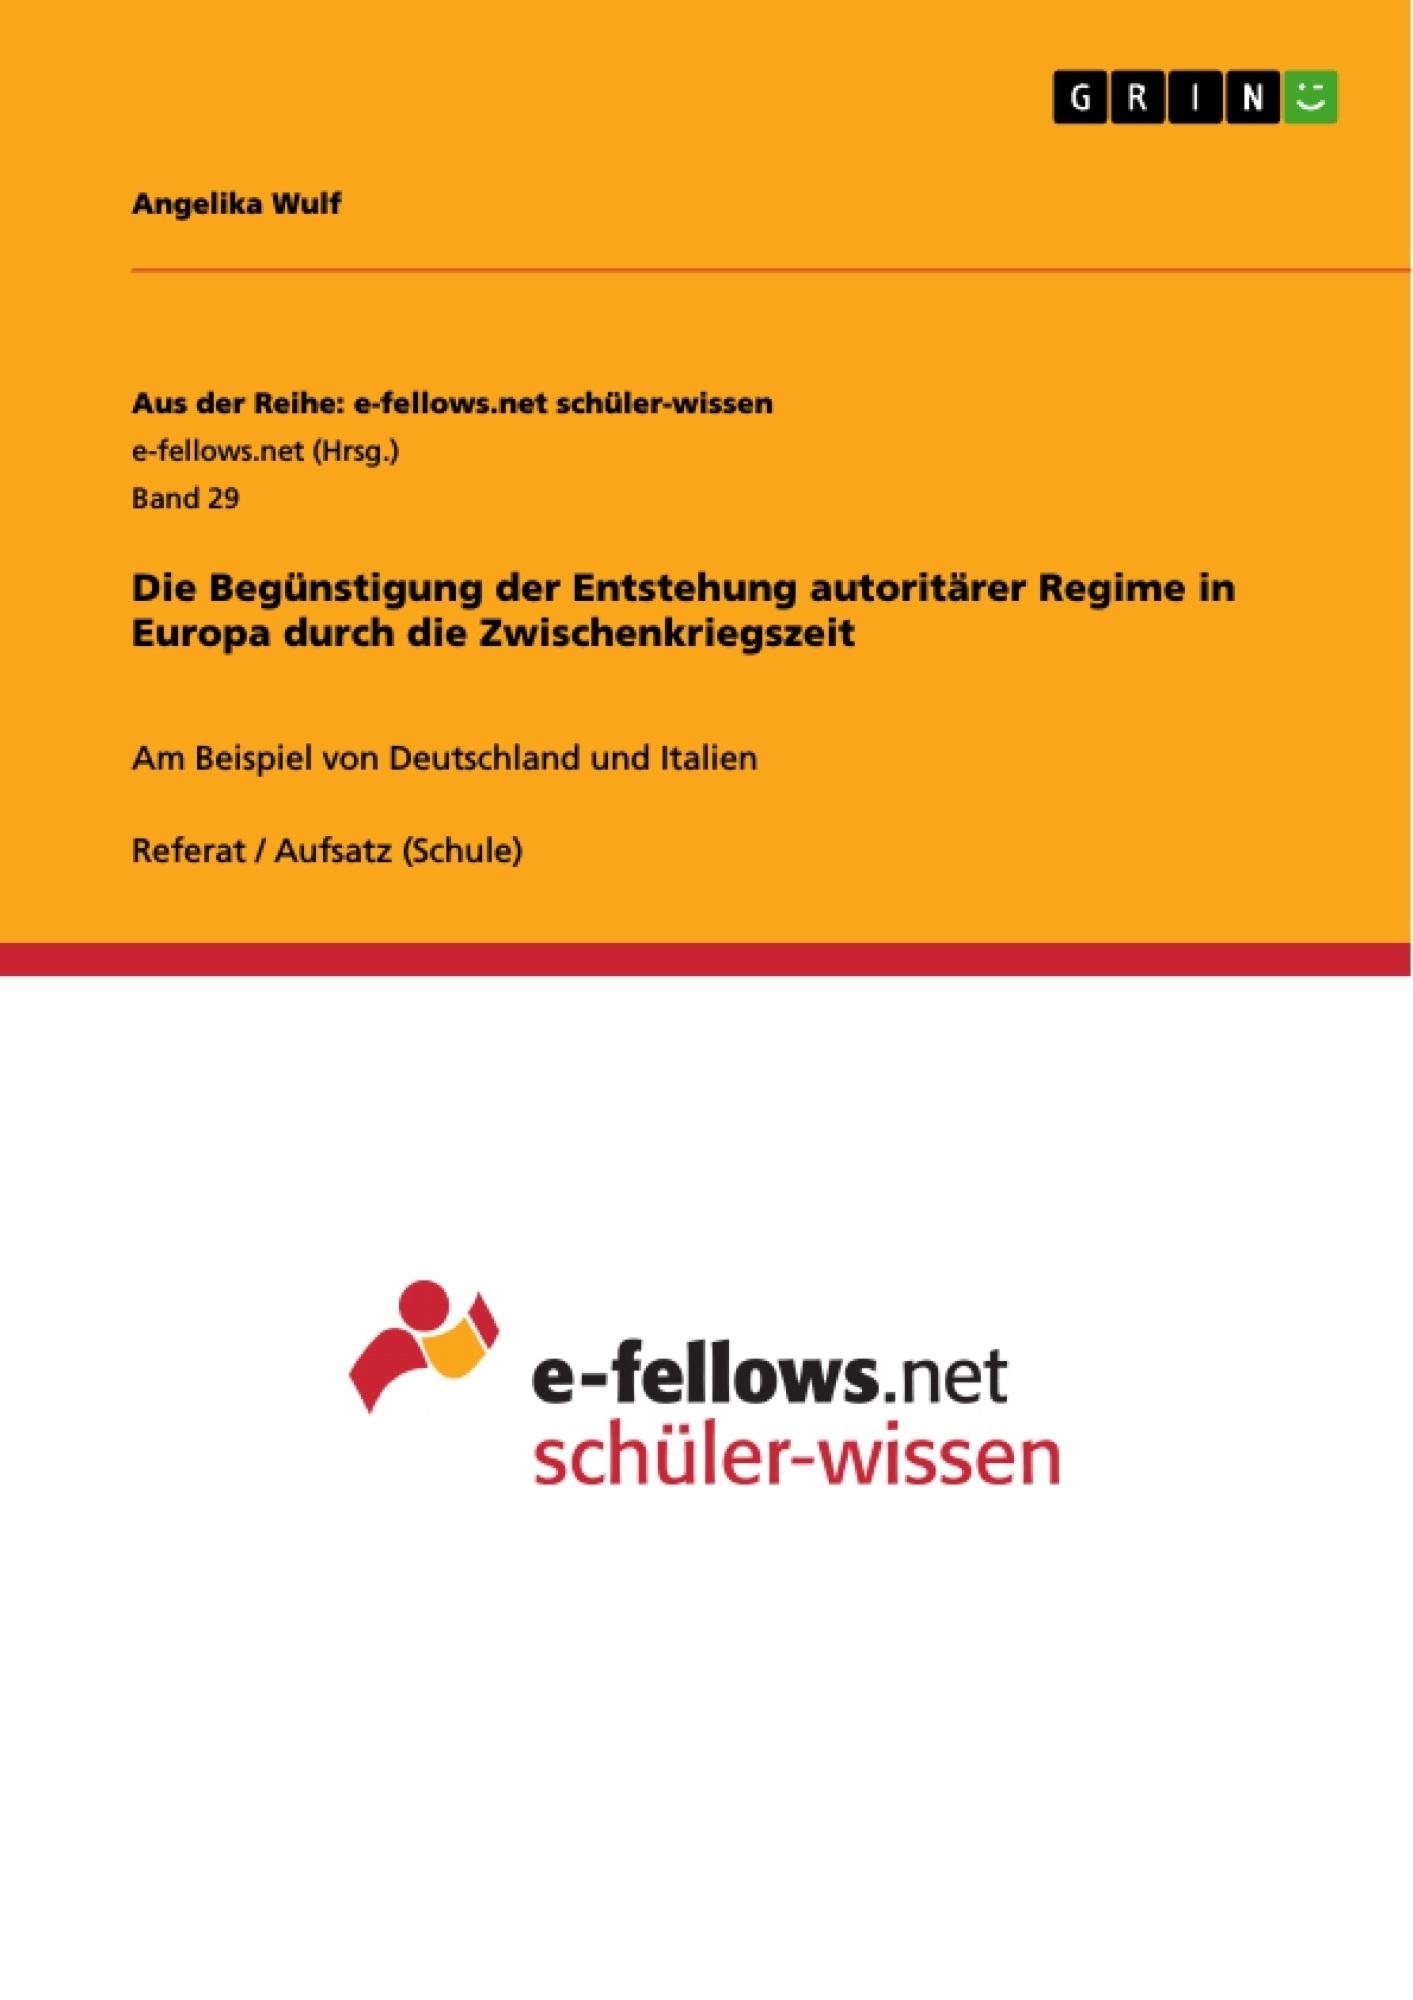 Titel: Die Begünstigung der Entstehung autoritärer Regime in Europa durch die Zwischenkriegszeit